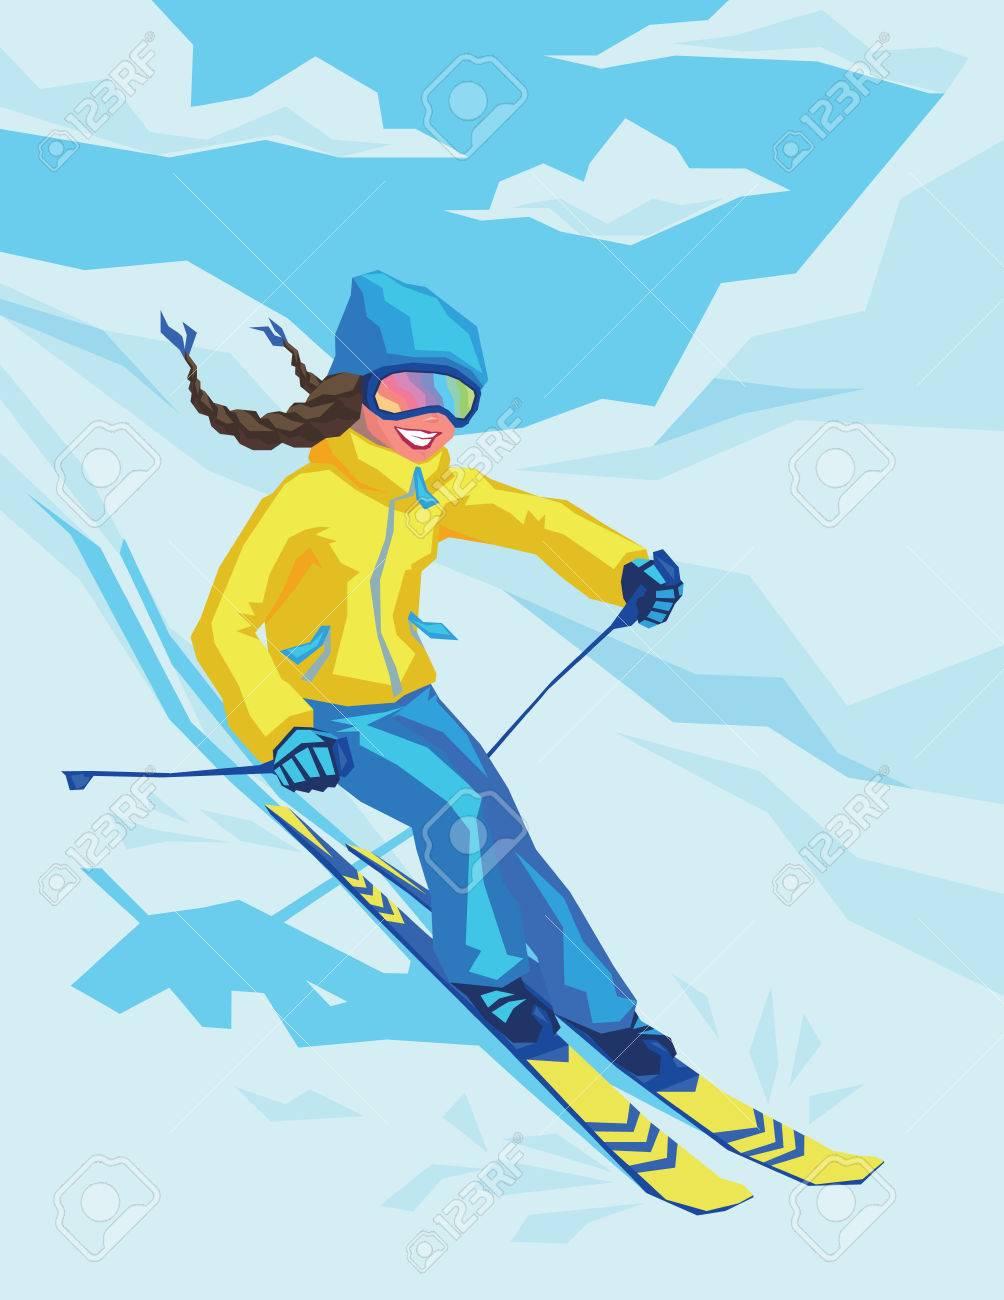 冬スキーそこに幸せな女の子のベクター イラストです雪の風景の背景に